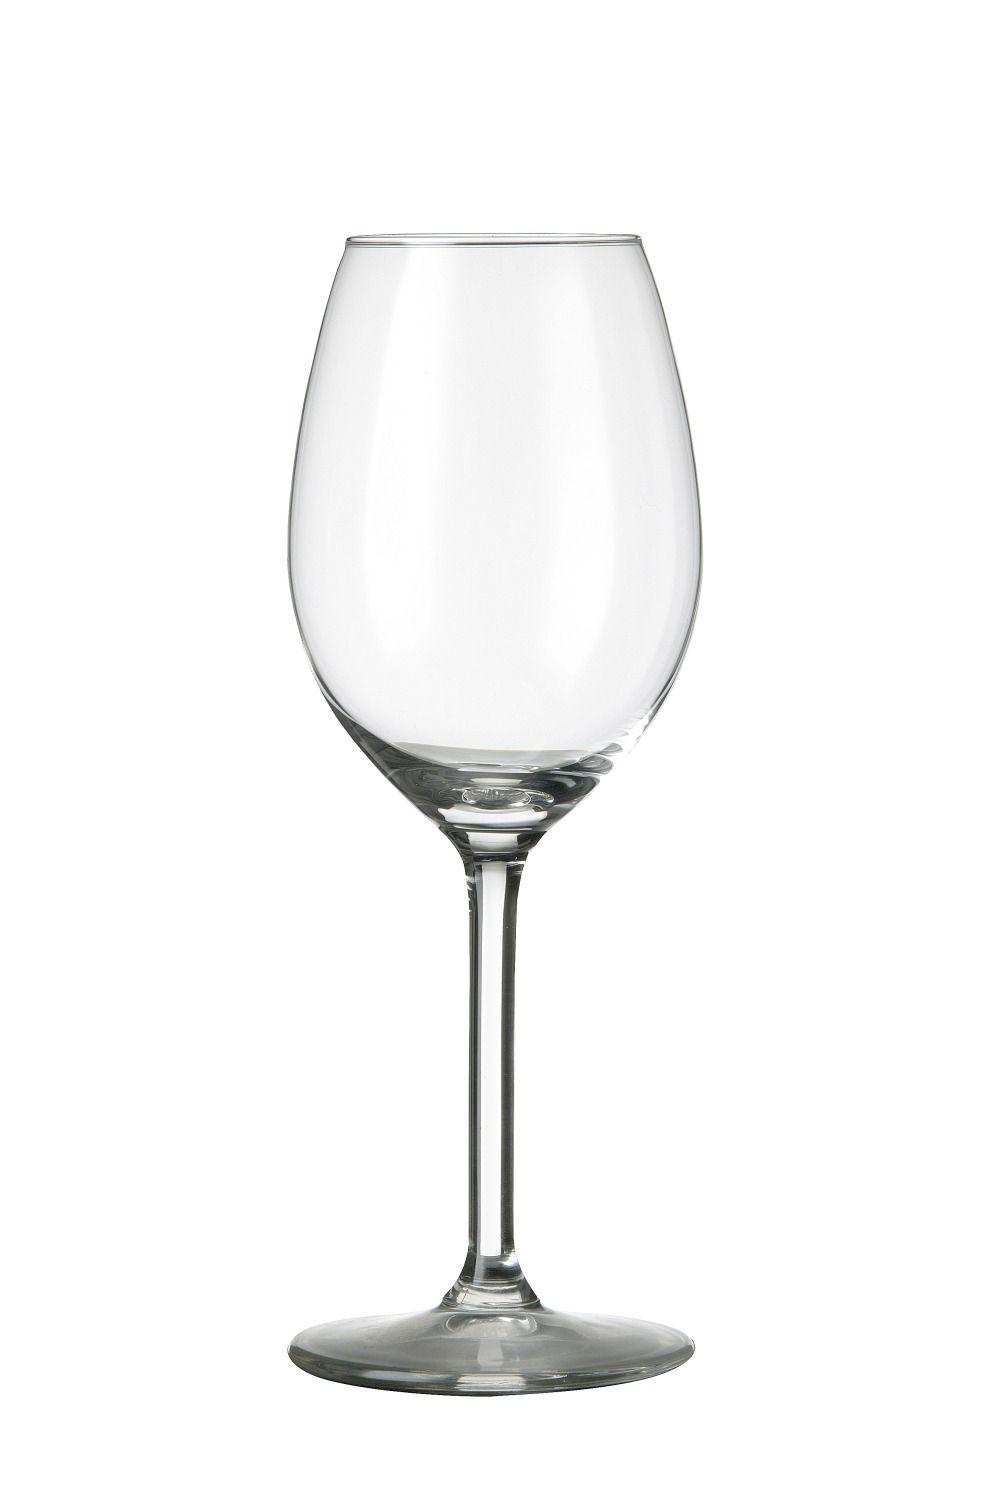 Royal Leerdam Wijnglazen.Royal Leerdam Wijnglas Esprit Kopen Wijnglazen Aanbieding